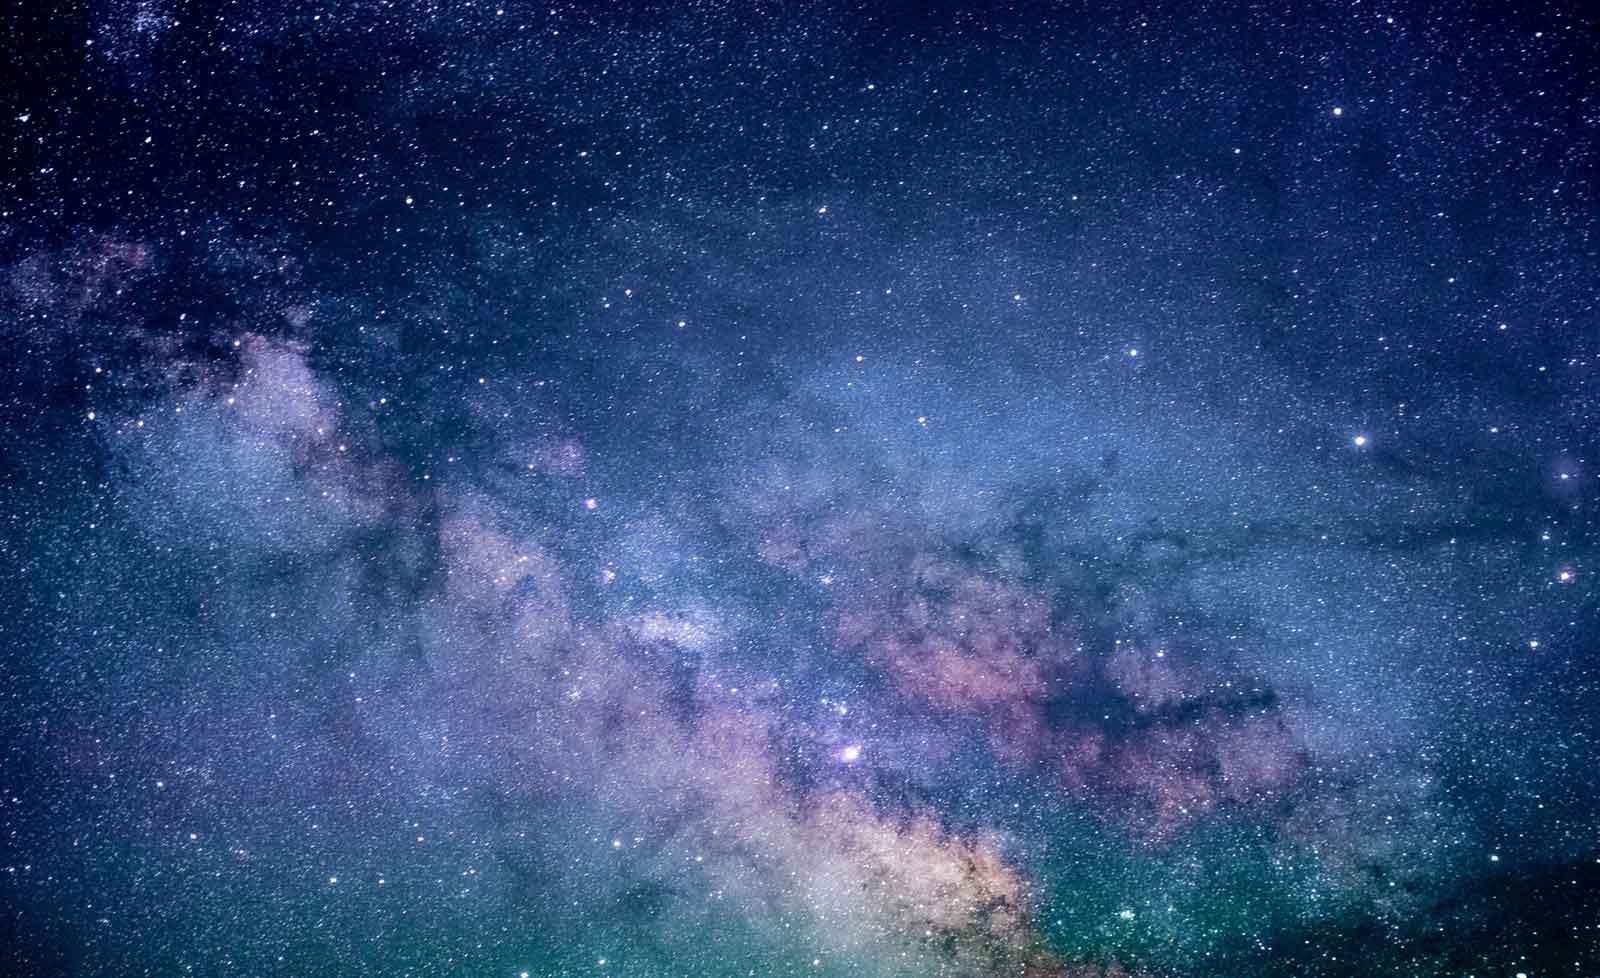 1600x978 GIẤY TƯỜNG ẢNH THIÊN NHIÊN TRÊN TƯỜNG XXL Sao Bầu trời Đêm Không gian Thiên hà Vũ trụ